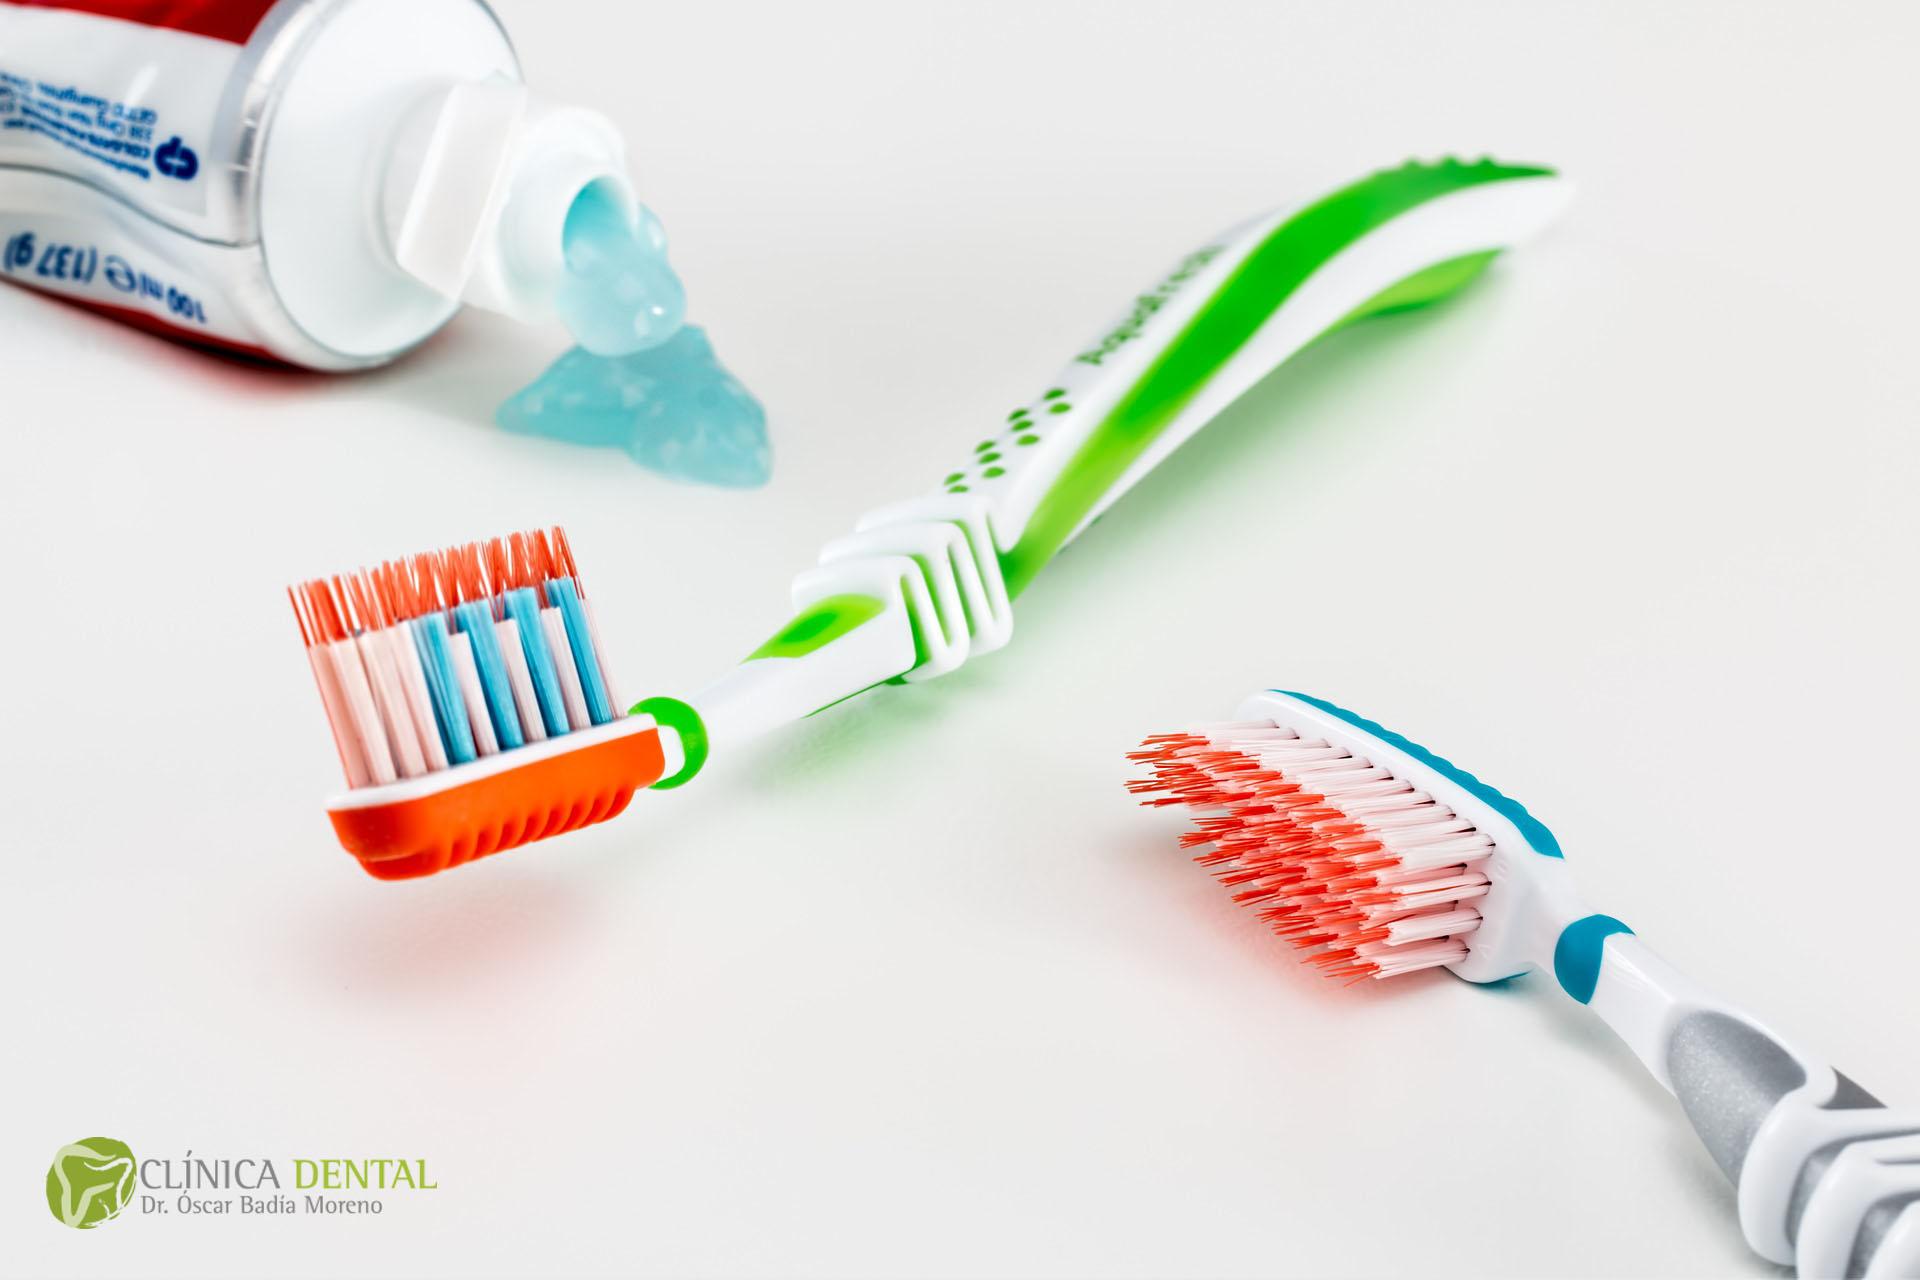 18e806c67 Tips para escoger el cepillo de dientes perfecto – Dental Oscar ...